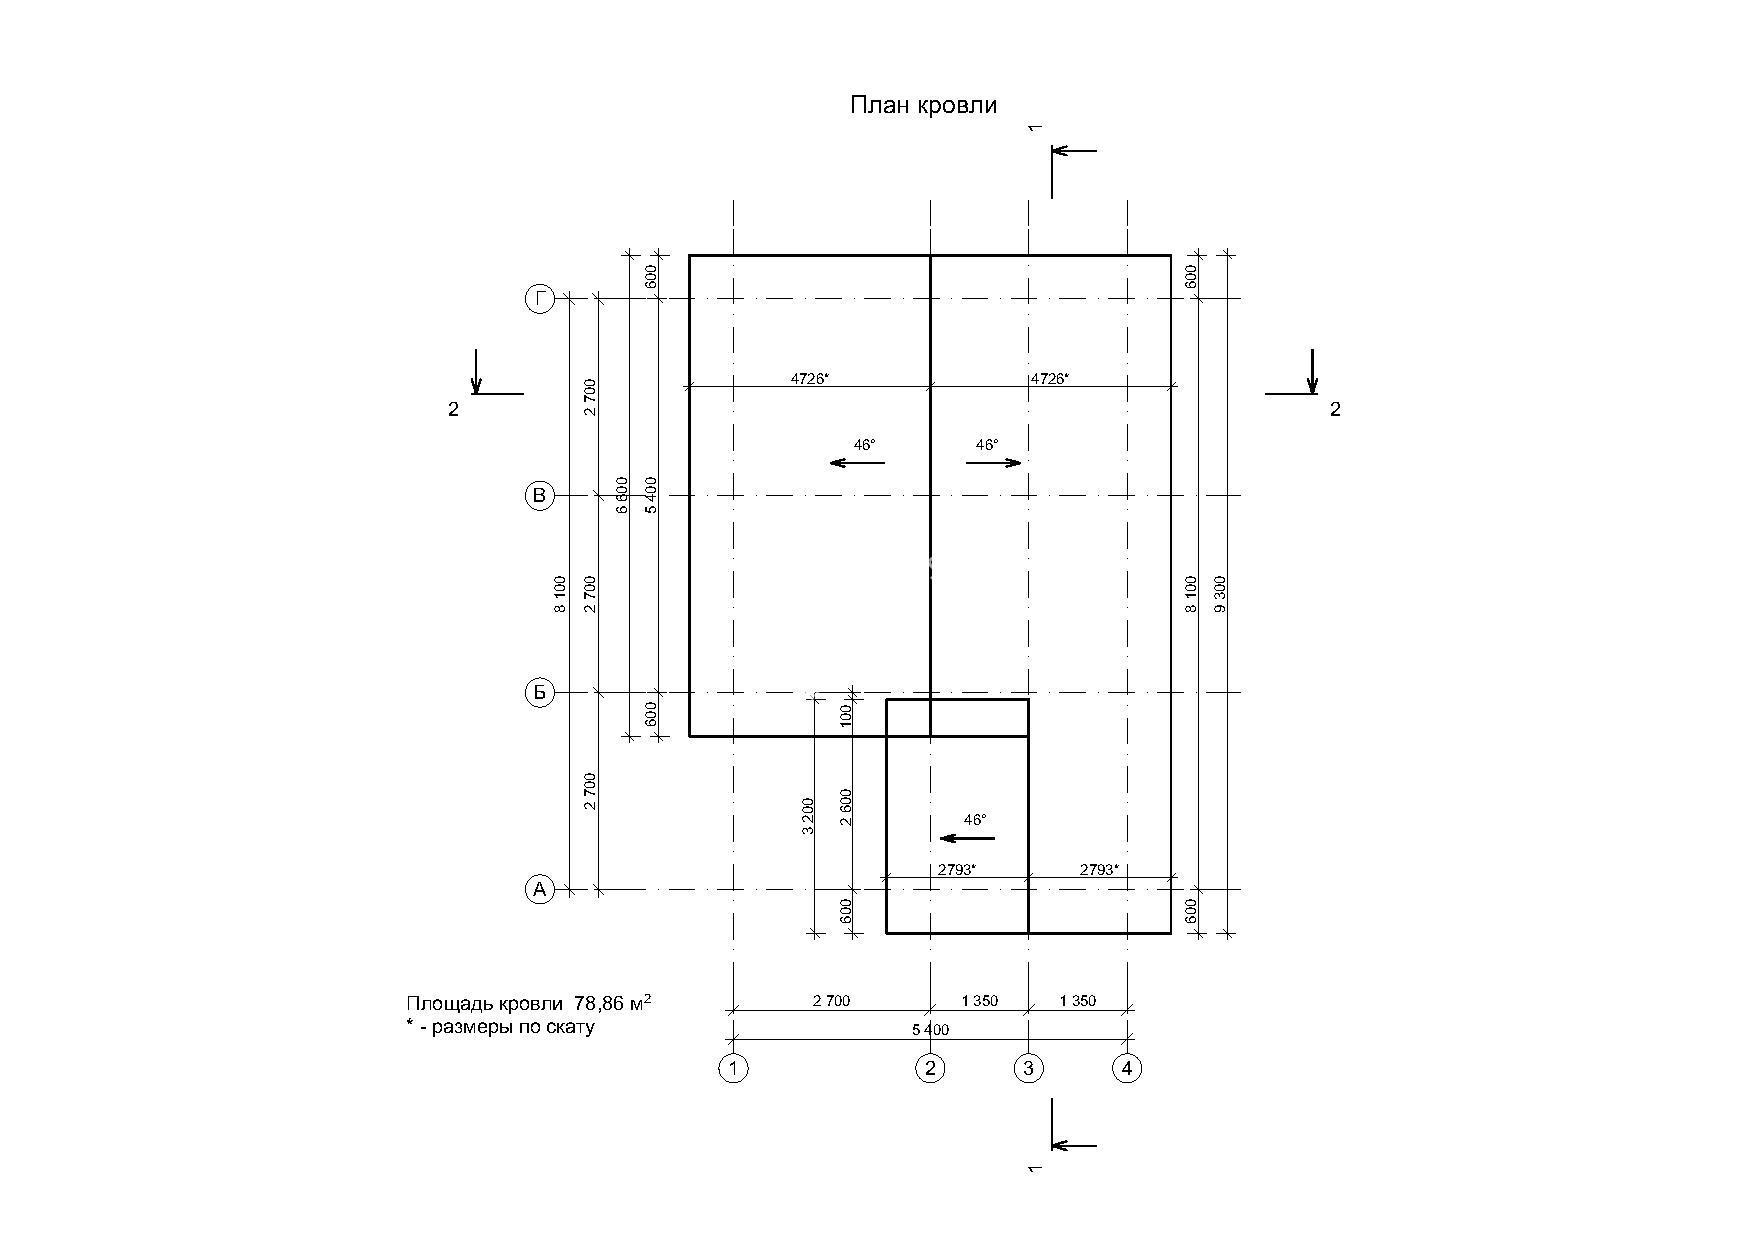 Plan-krovli-2